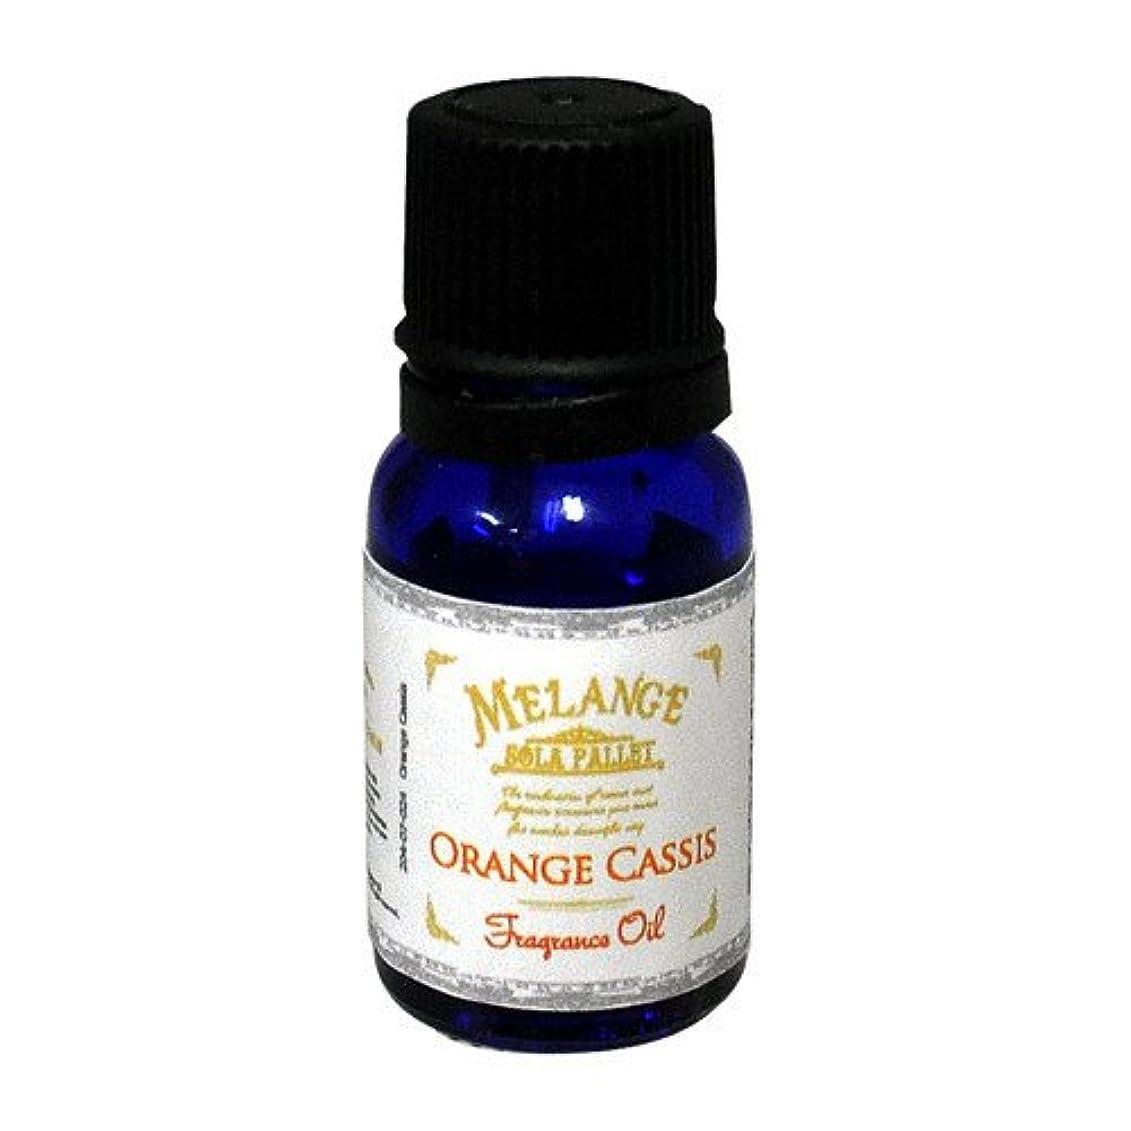 踊り子忙しい運搬SOLA PALLET MELANGE Fragrance Oil フレグランスオイル Orange Cassis オレンジカシス